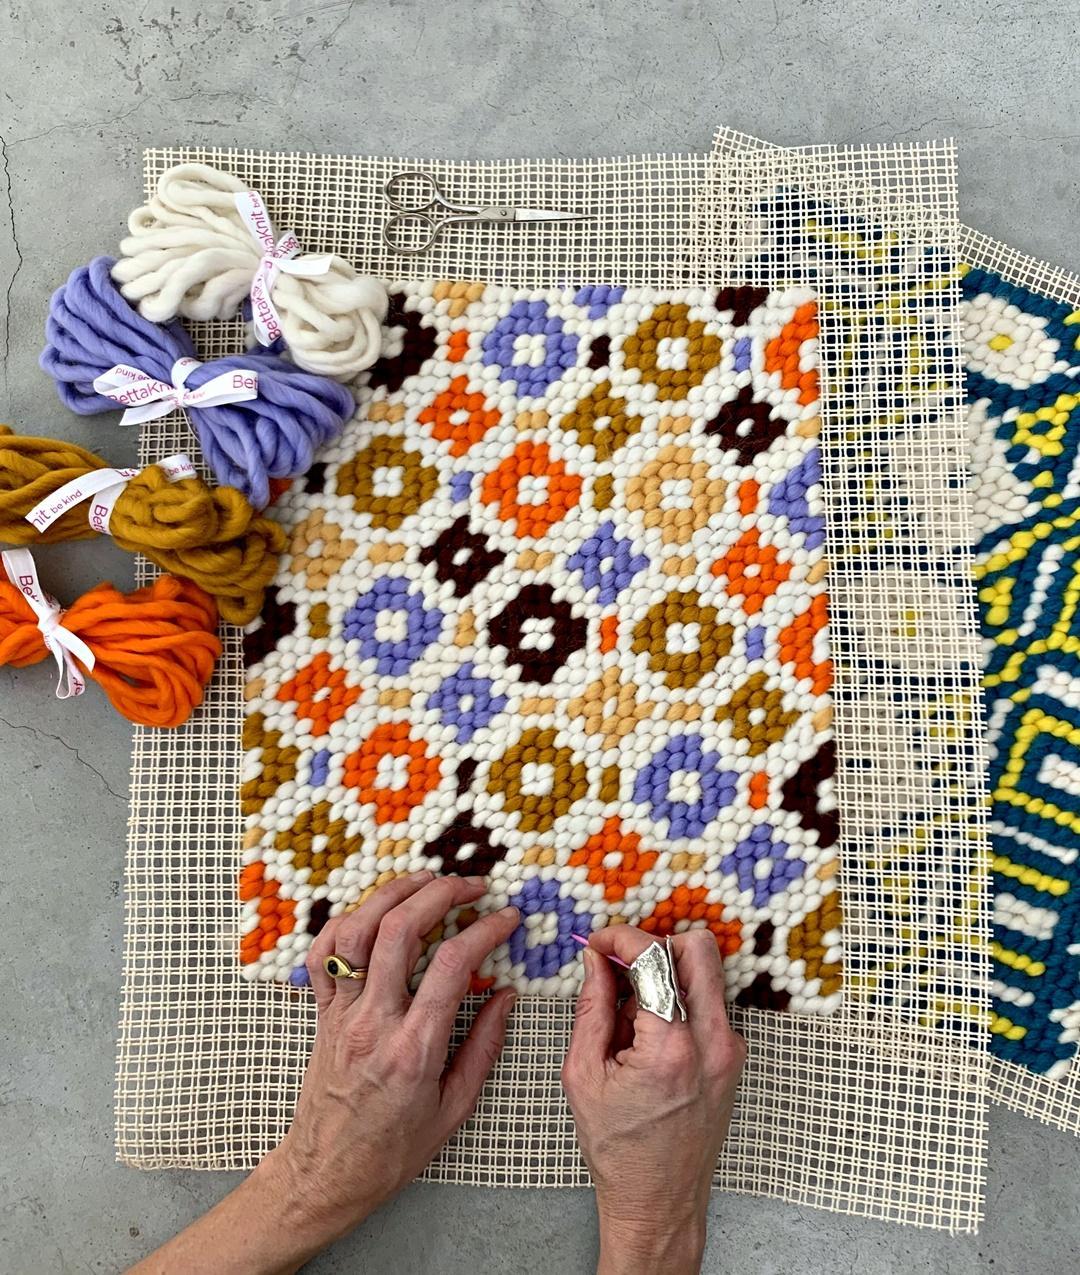 Cose Creative Con La Carta positano - petit point embroidery kit